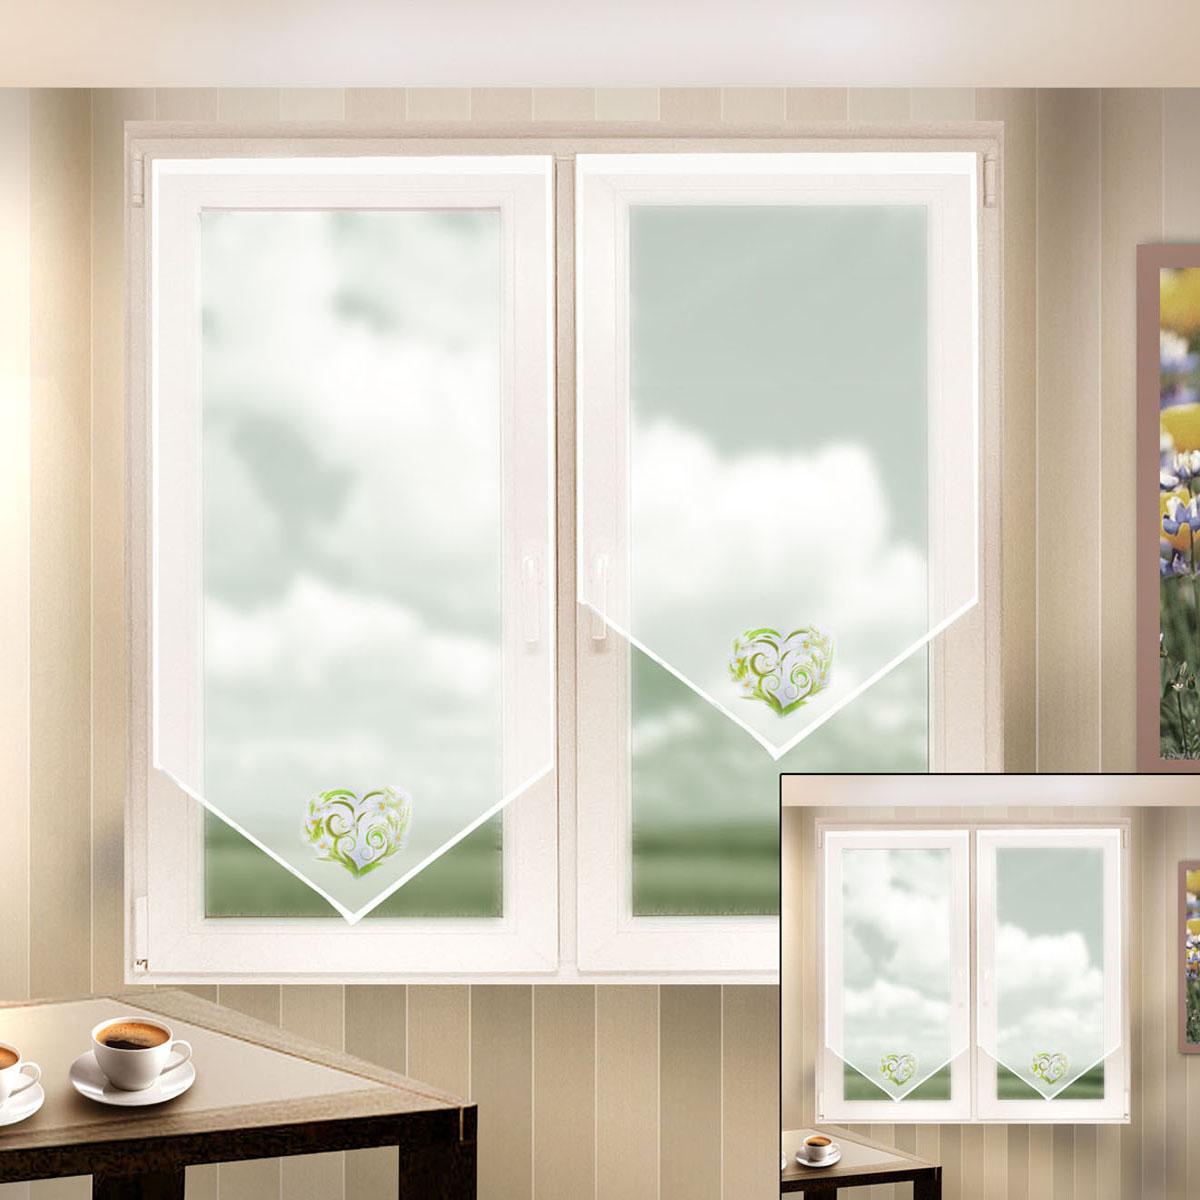 Гардина Zlata Korunka, на липкой ленте, цвет: белый, высота 90 см. 666052-2VCA-00Гардина на липкой ленте Zlata Korunka, изготовленная из полиэстера, станет великолепным украшением любого окна. Полотно из белой вуали с печатным рисунком привлечет к себе внимание и органично впишется в интерьер комнаты. Лучшая альтернатива рулонным шторам - шторы на липкой ленте. Особенность этих штор заключается в том, что они имеют липкую основу в месте крепления. Лента или основа надежно и быстро крепится на раму окна, а на нее фиксируется сама штора.